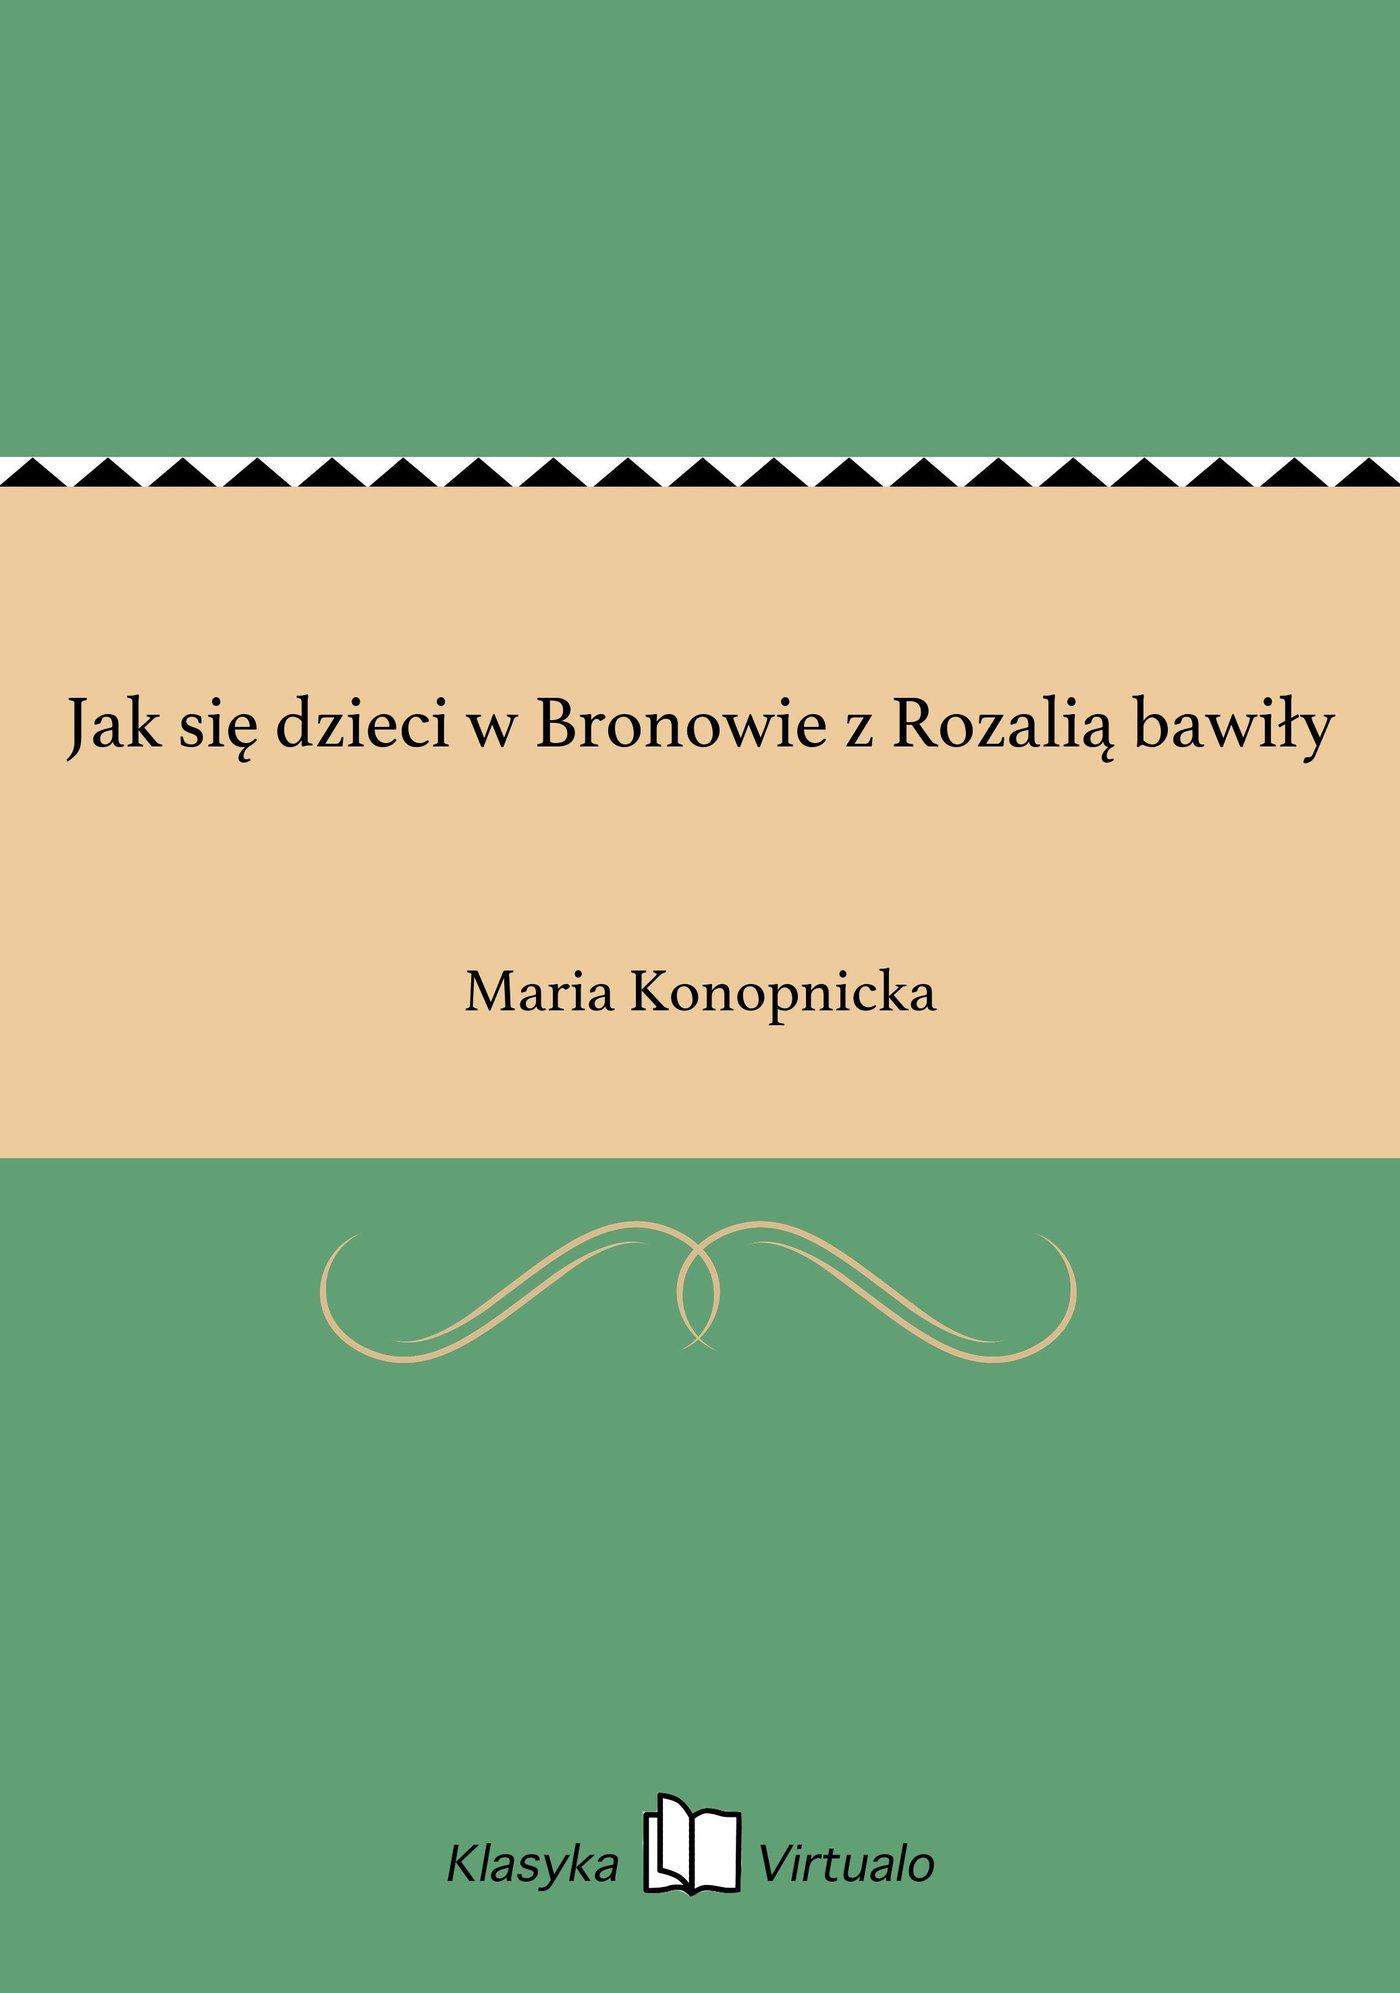 Jak się dzieci w Bronowie z Rozalią bawiły - Ebook (Książka EPUB) do pobrania w formacie EPUB